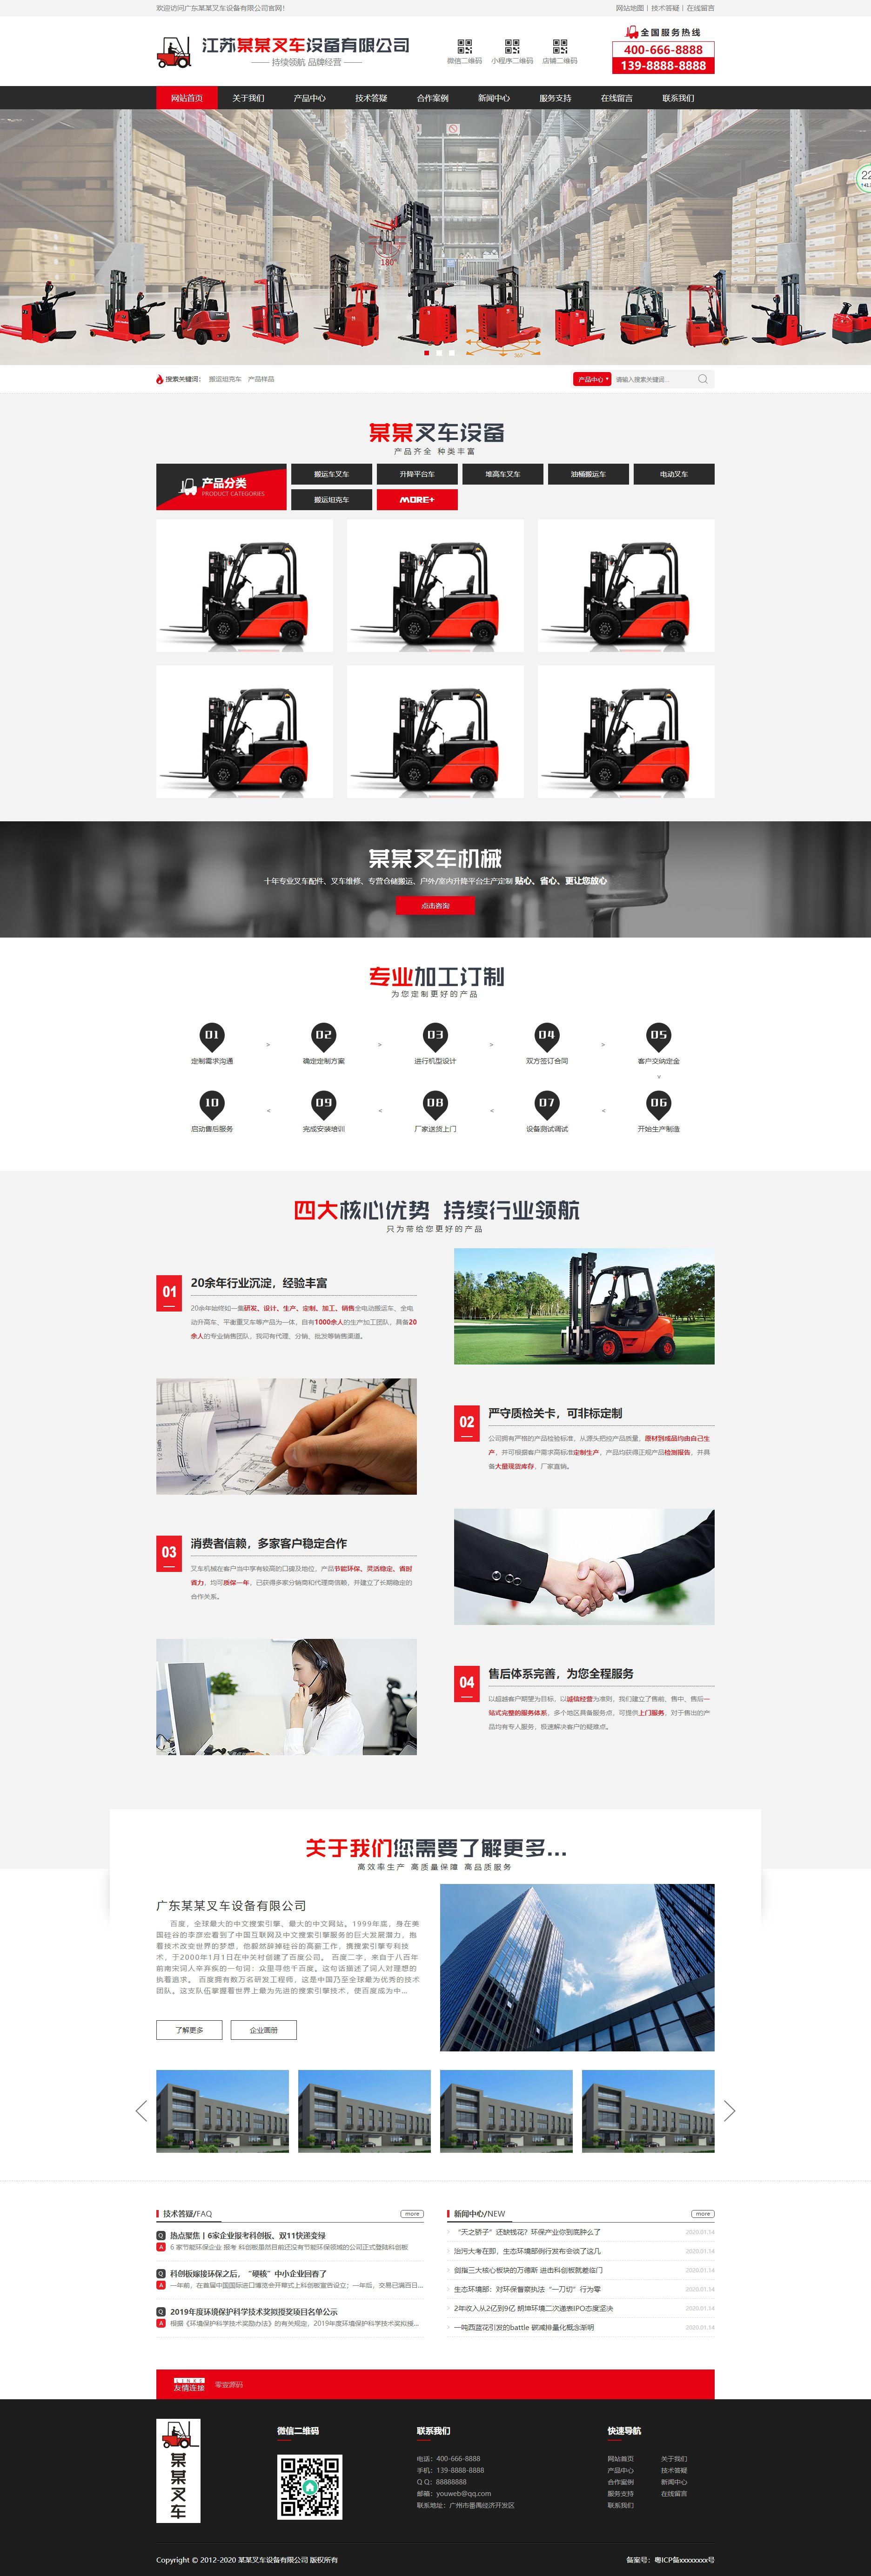 营销型叉车工程机械设备制造类网站织梦dedecms模板(带手机端)